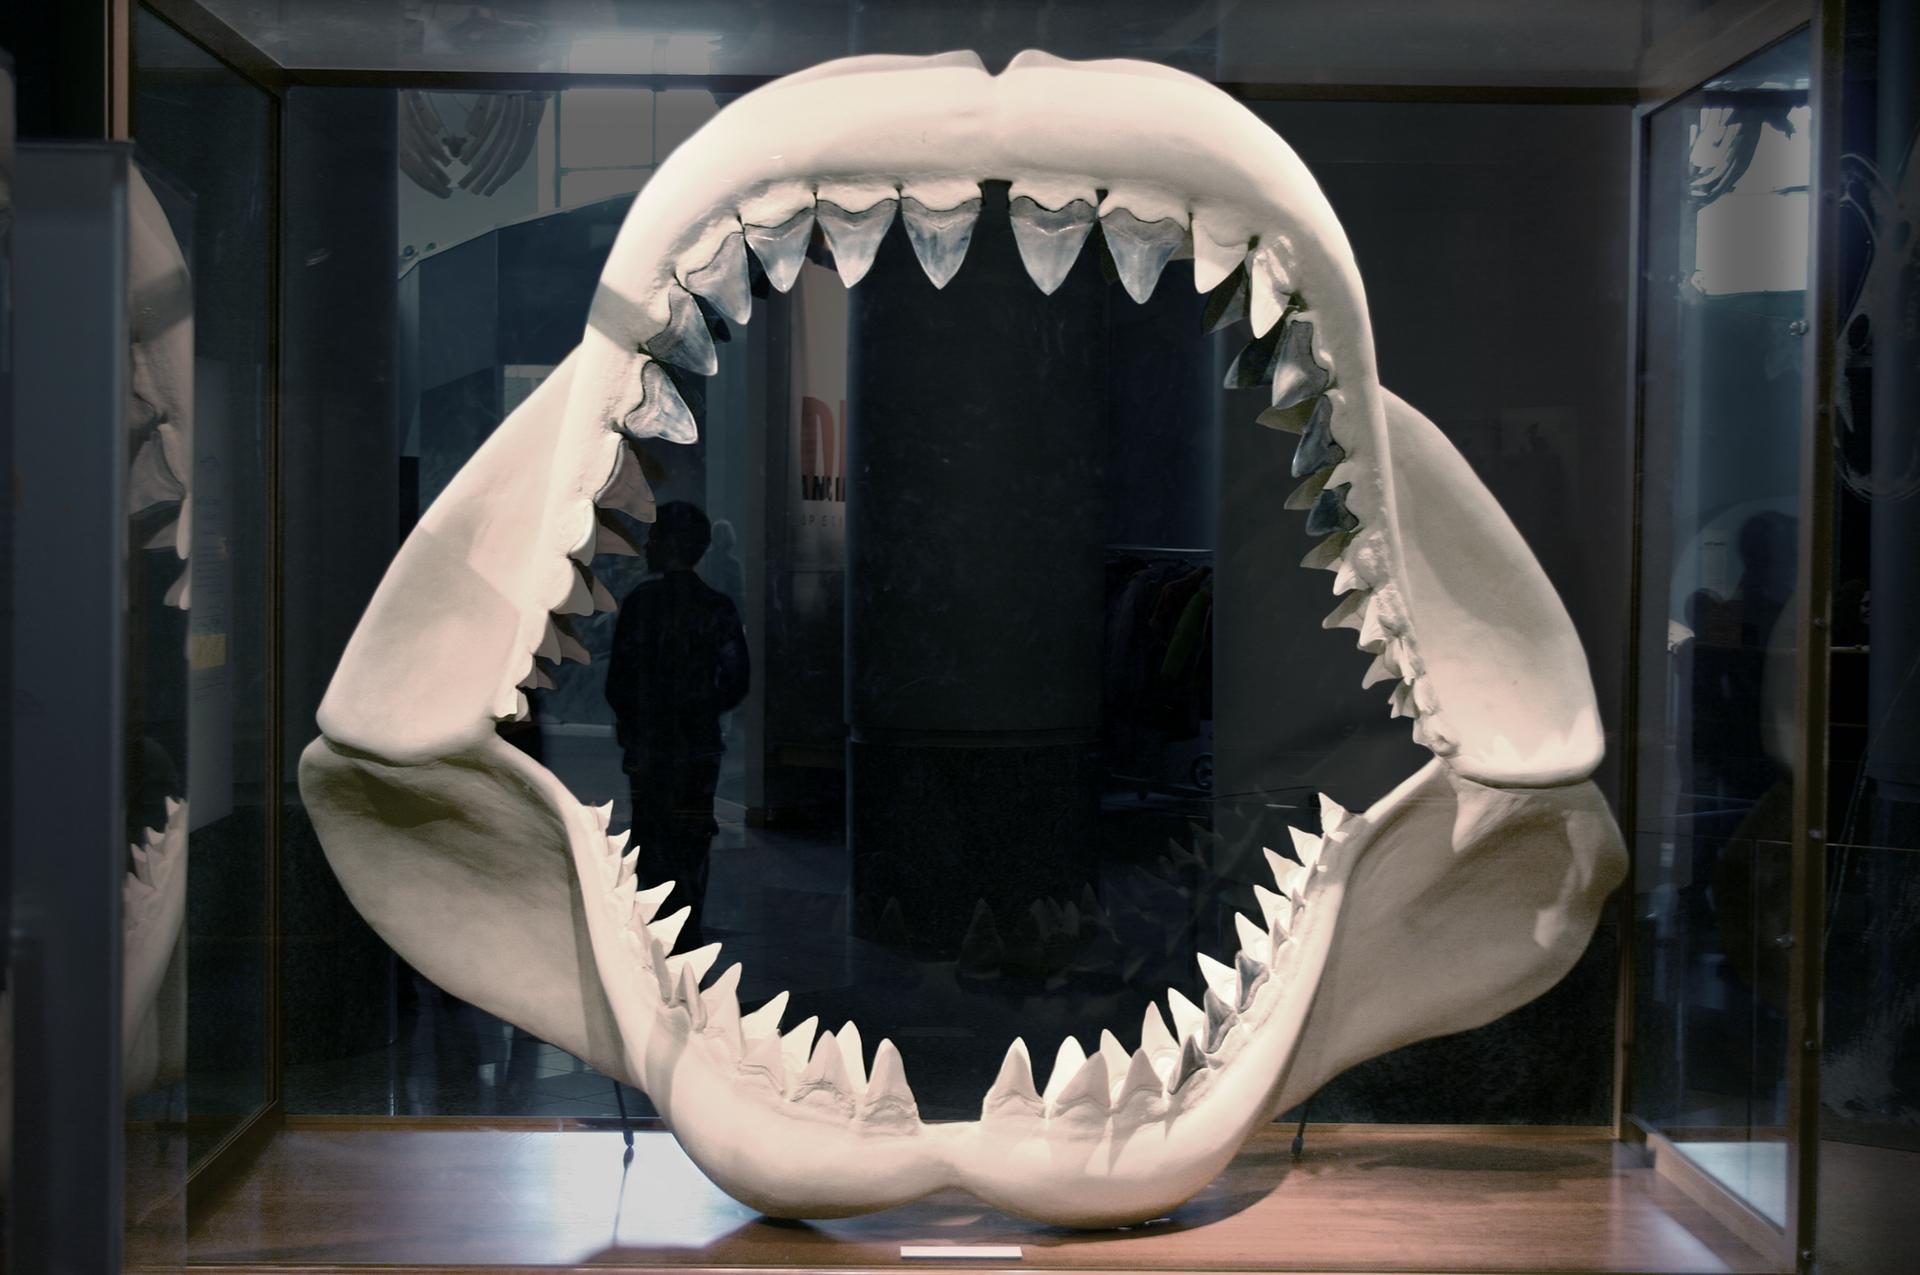 Fotografia przedstawia wypreparowane szczęki rekina pokryte kilkoma rzędami stożkowatych białych zębów.